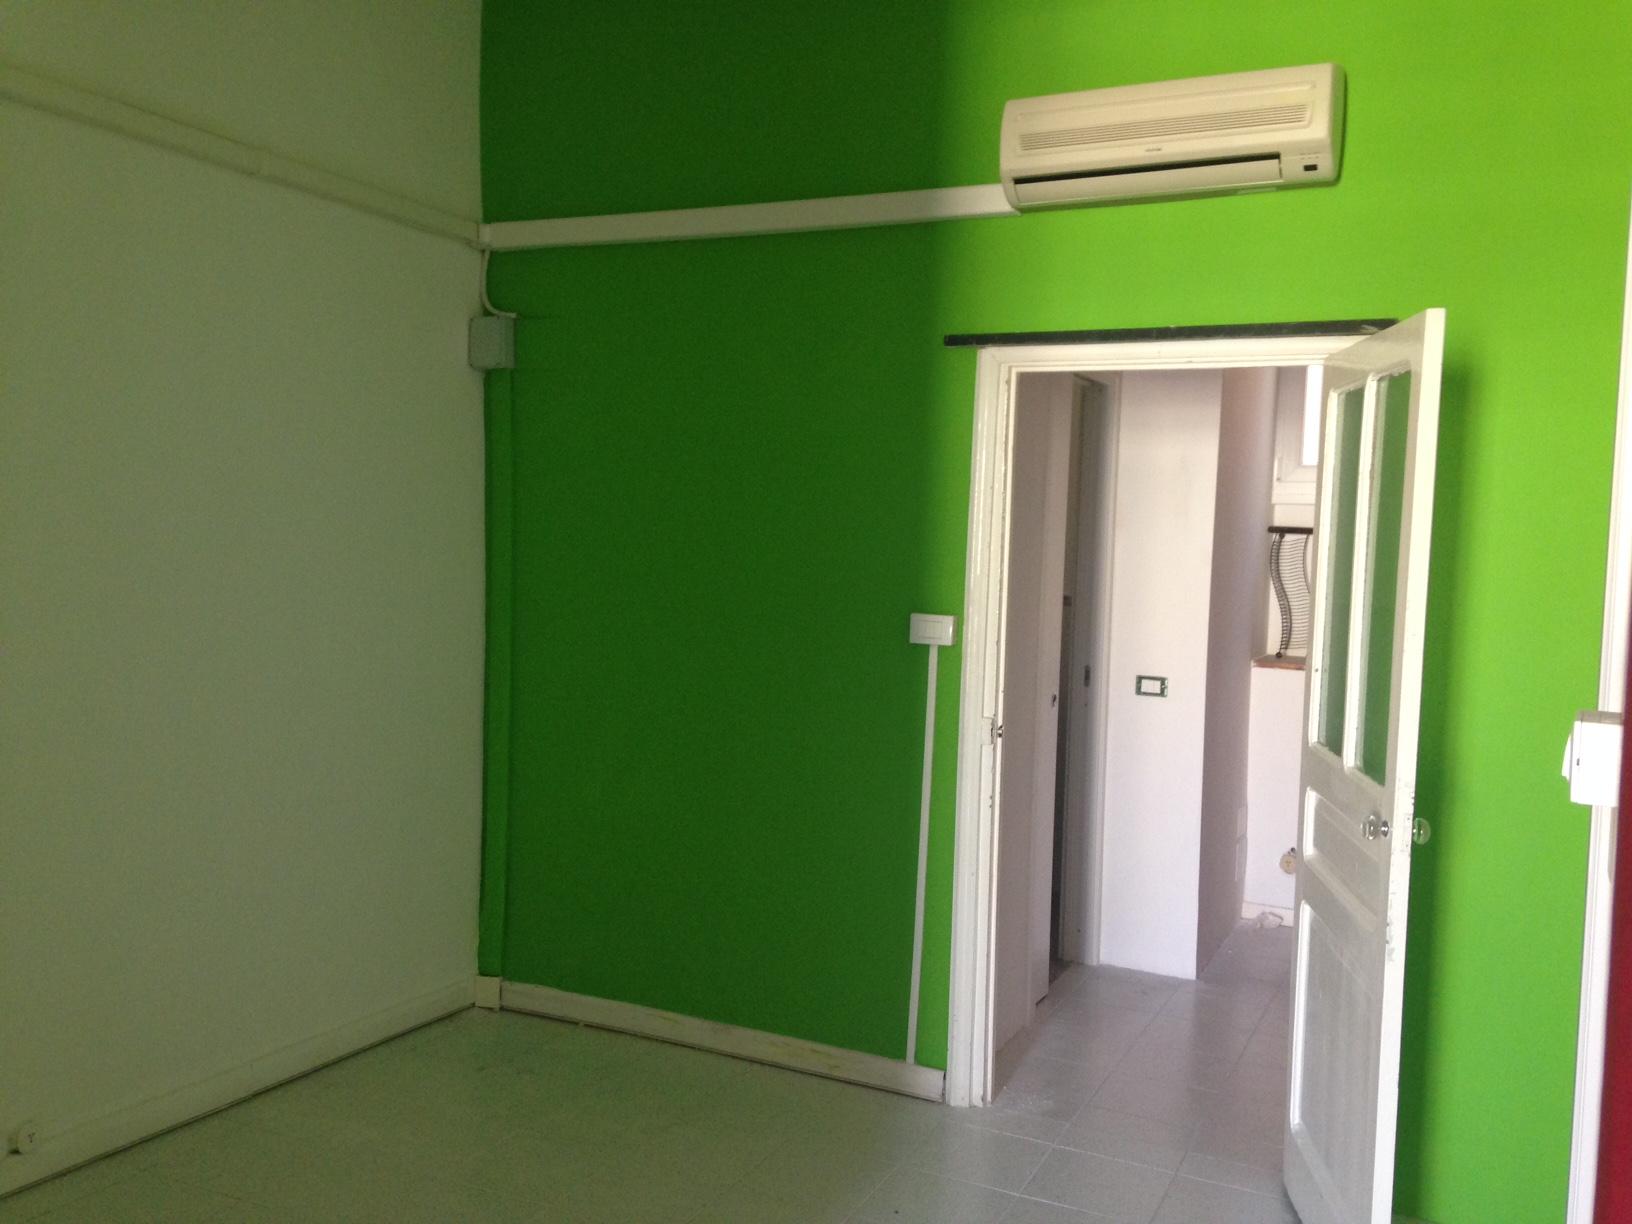 Appartamento in affitto a Imperia, 3 locali, zona Località: Onegliacentro, prezzo € 480 | Cambio Casa.it